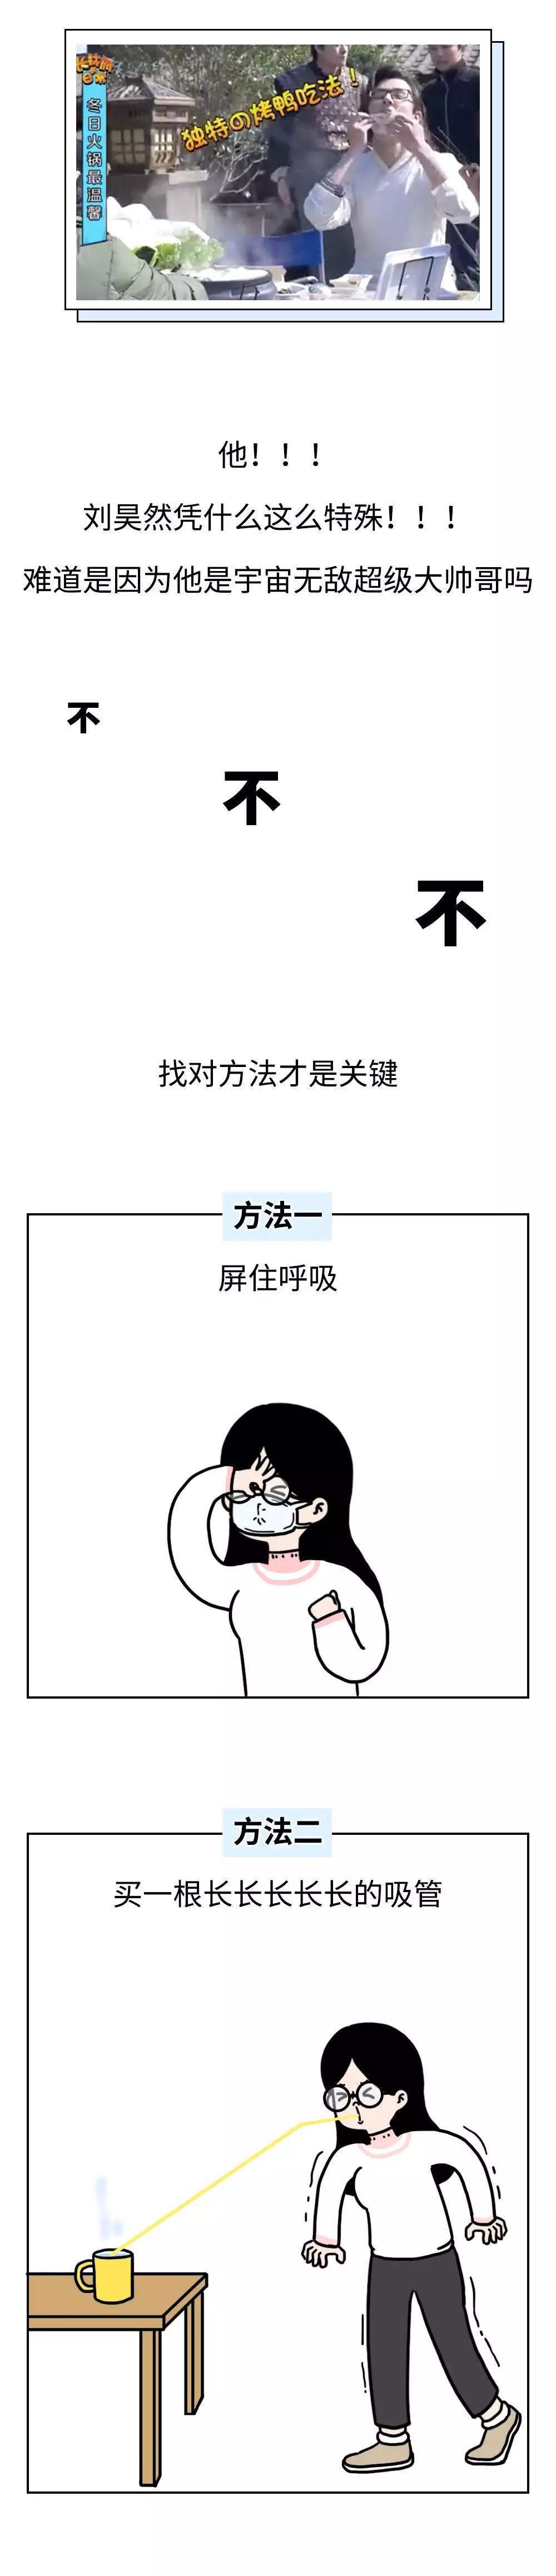 微信图片_20190212154652.jpg